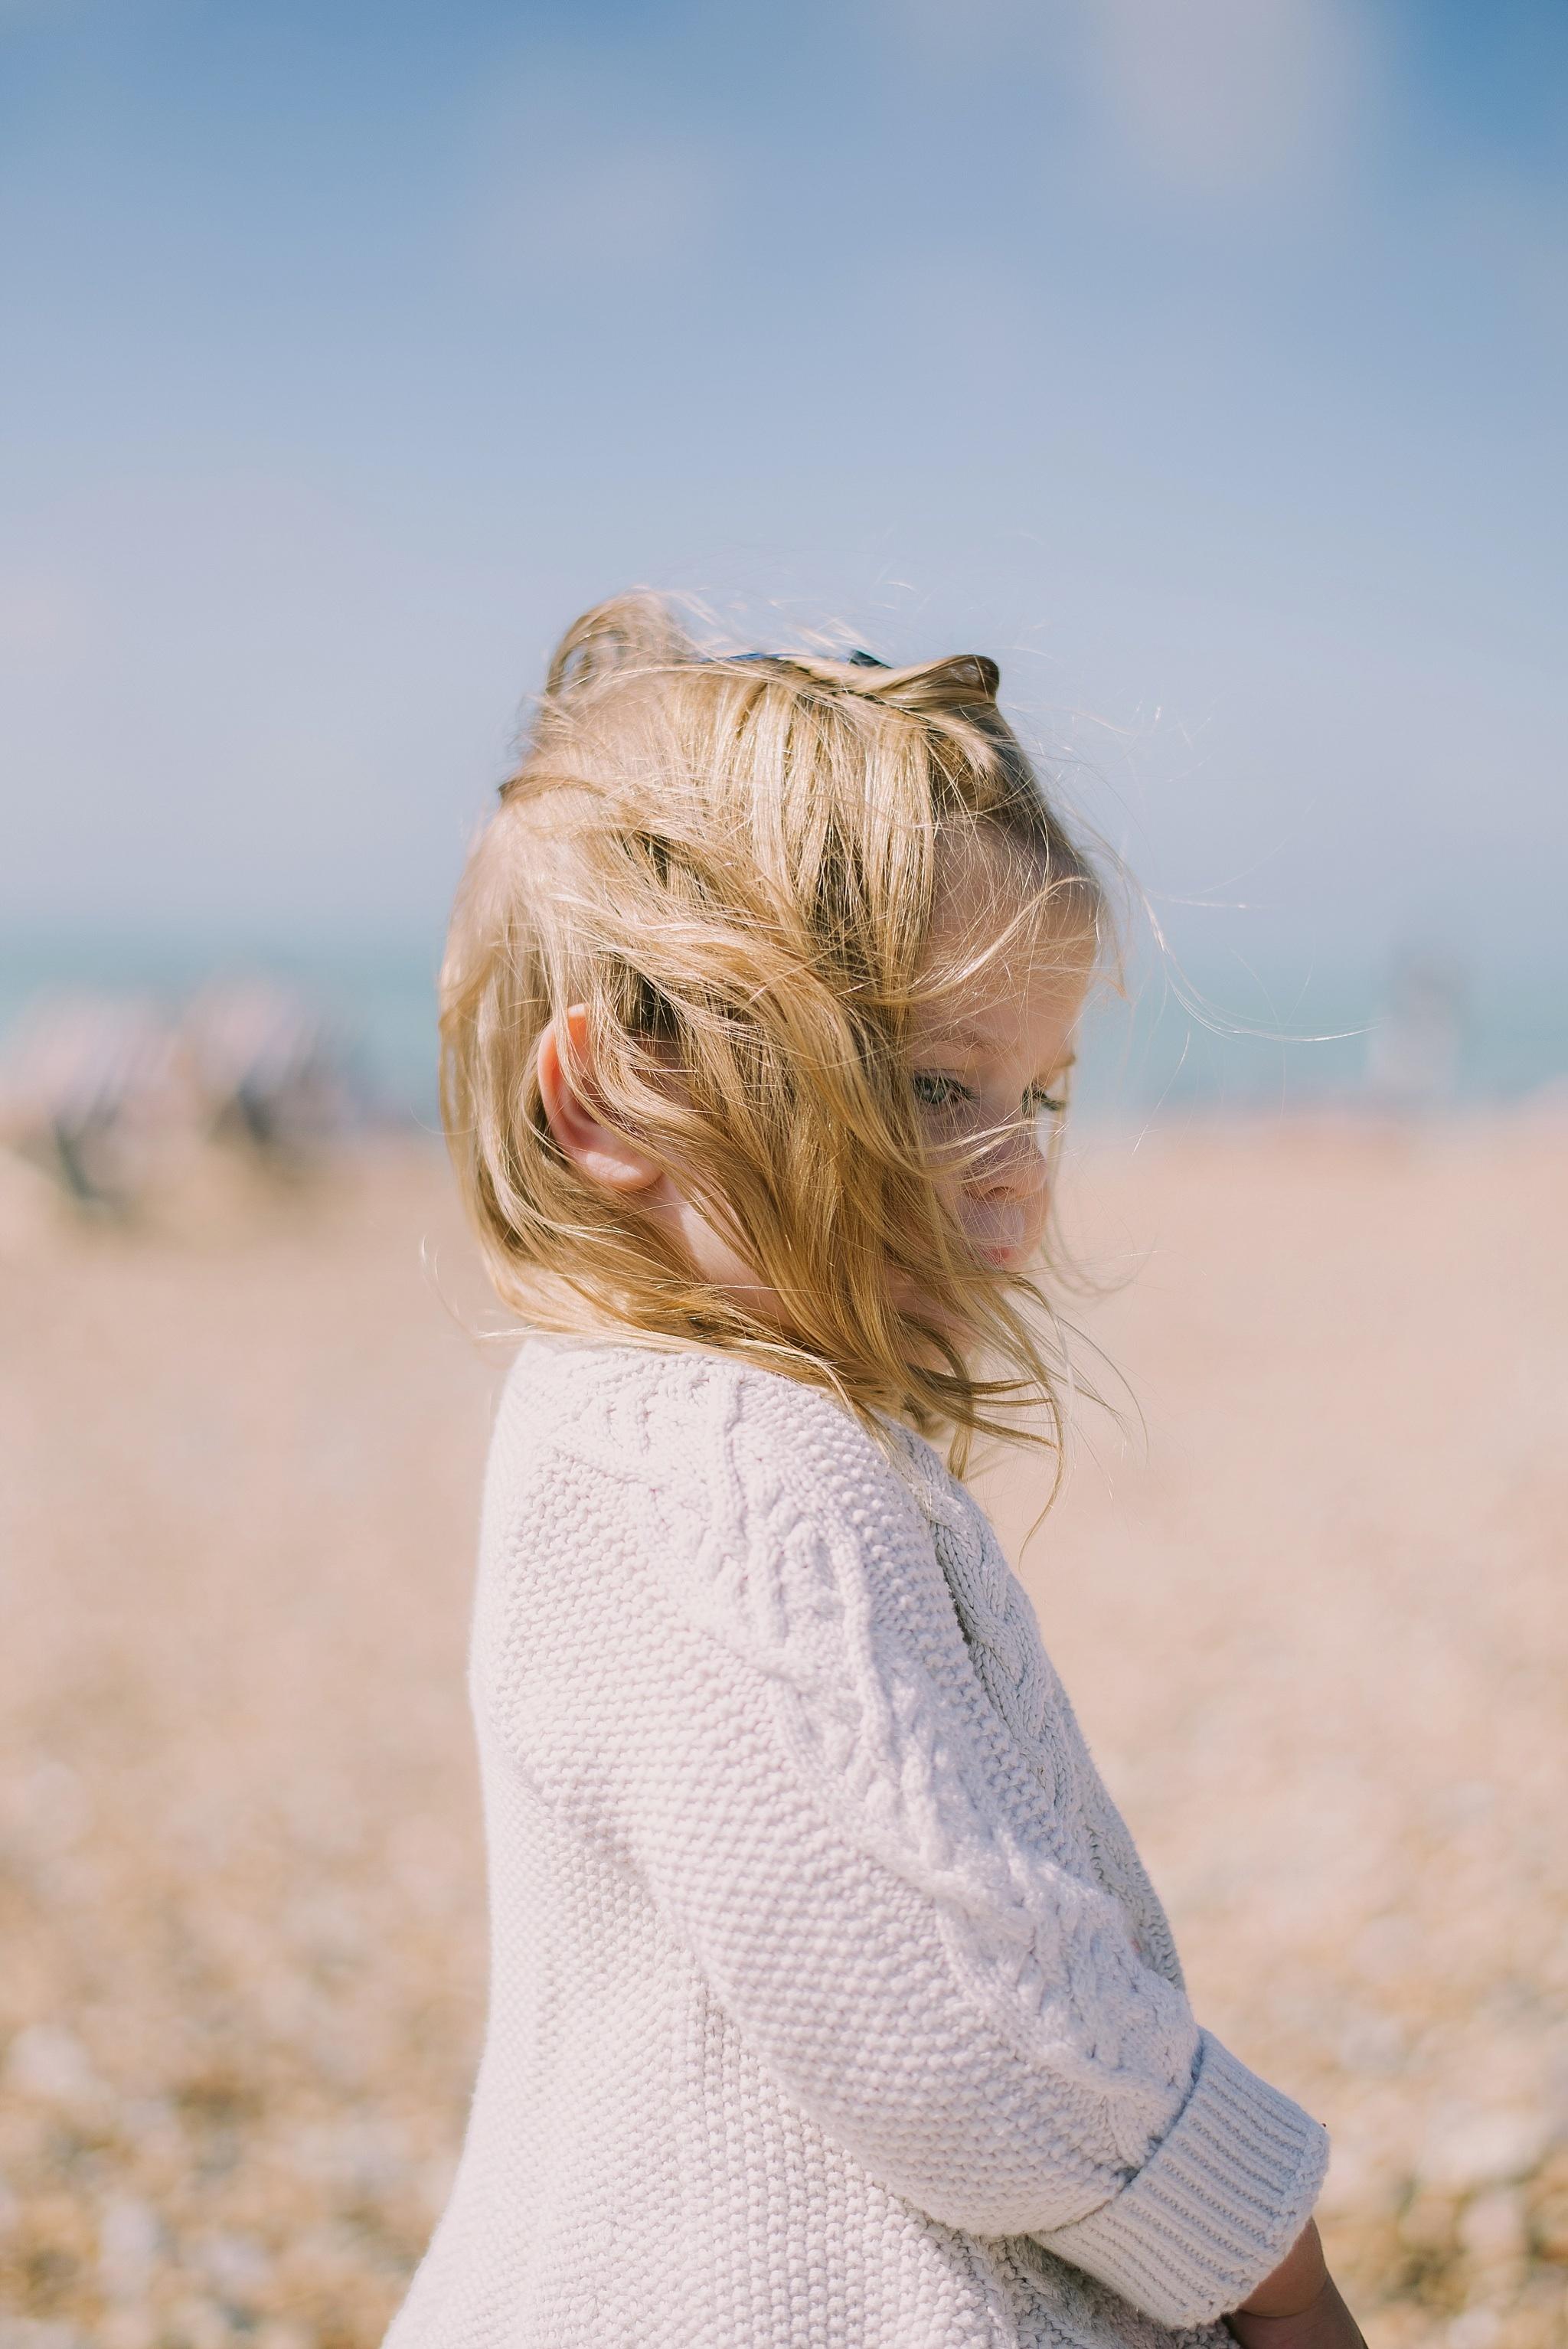 무료 이미지 : 바닷가, 바다, 모래, 소녀, 여자, 머리, 초상화, 모델, 봄, 어린이, 푸른, 신부